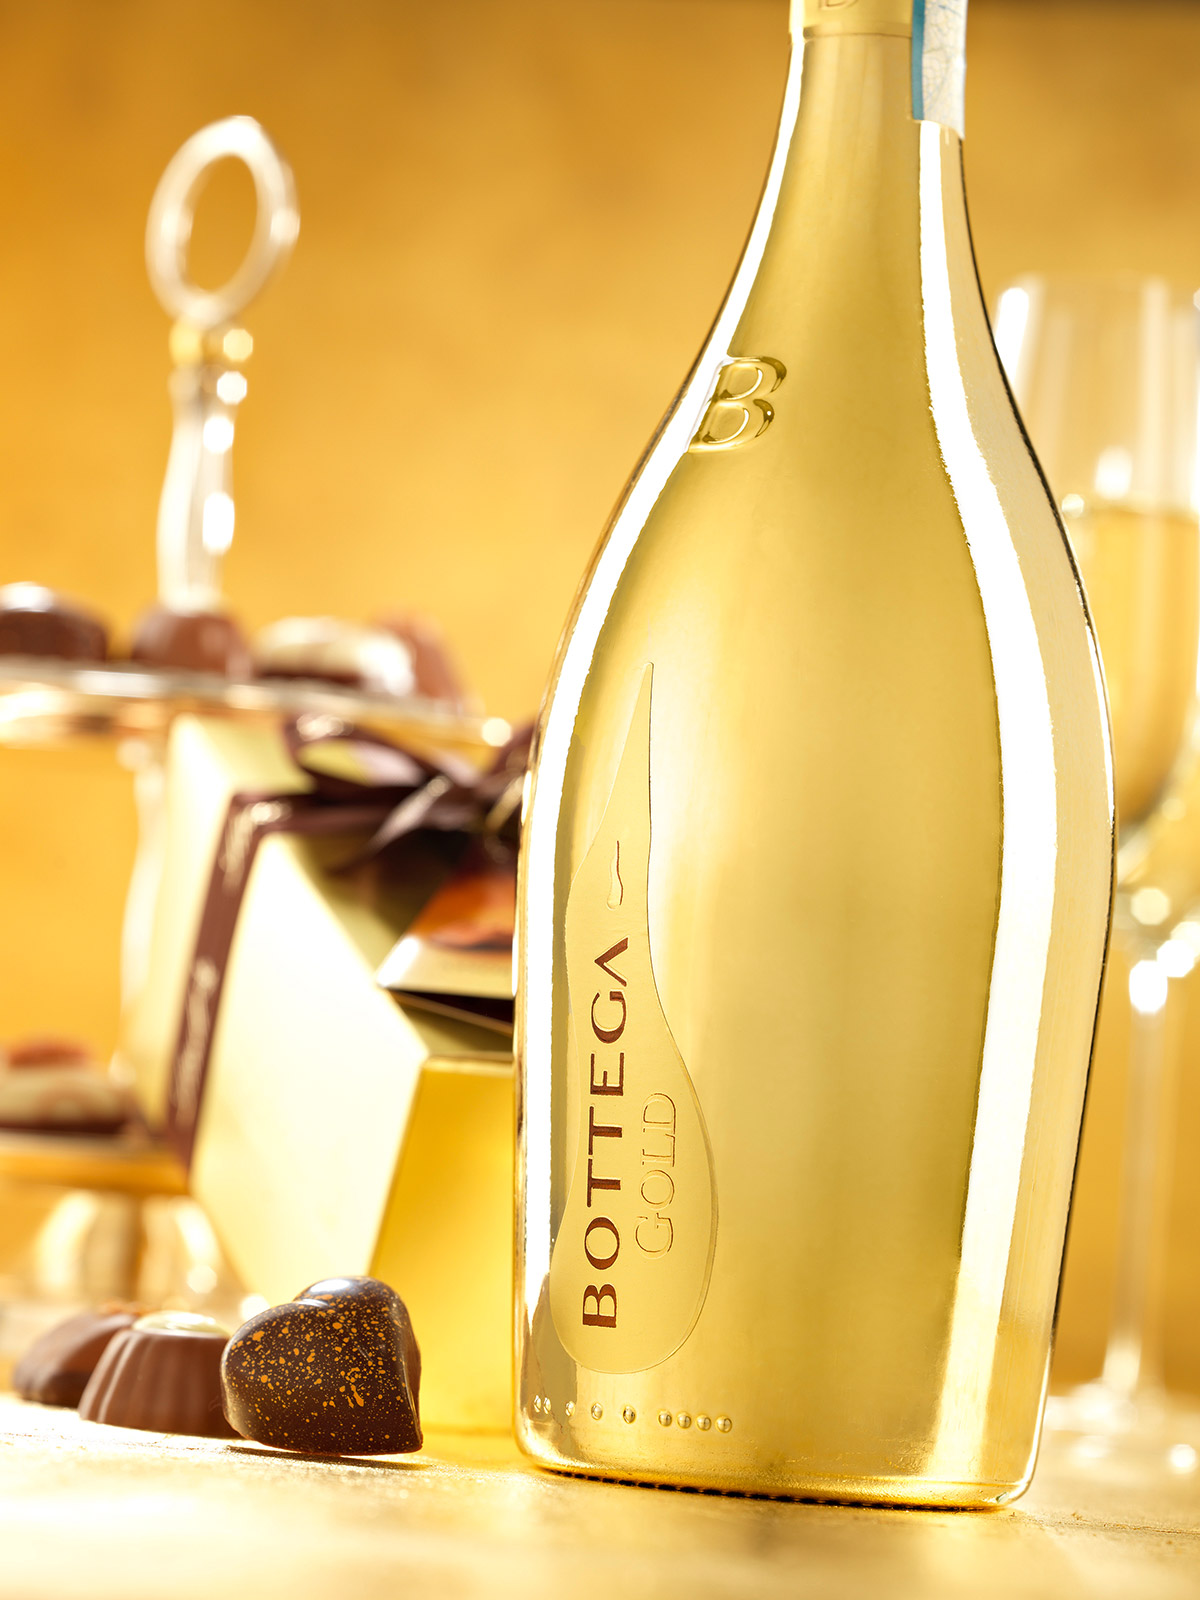 Bottega Lindt gold gift set 1